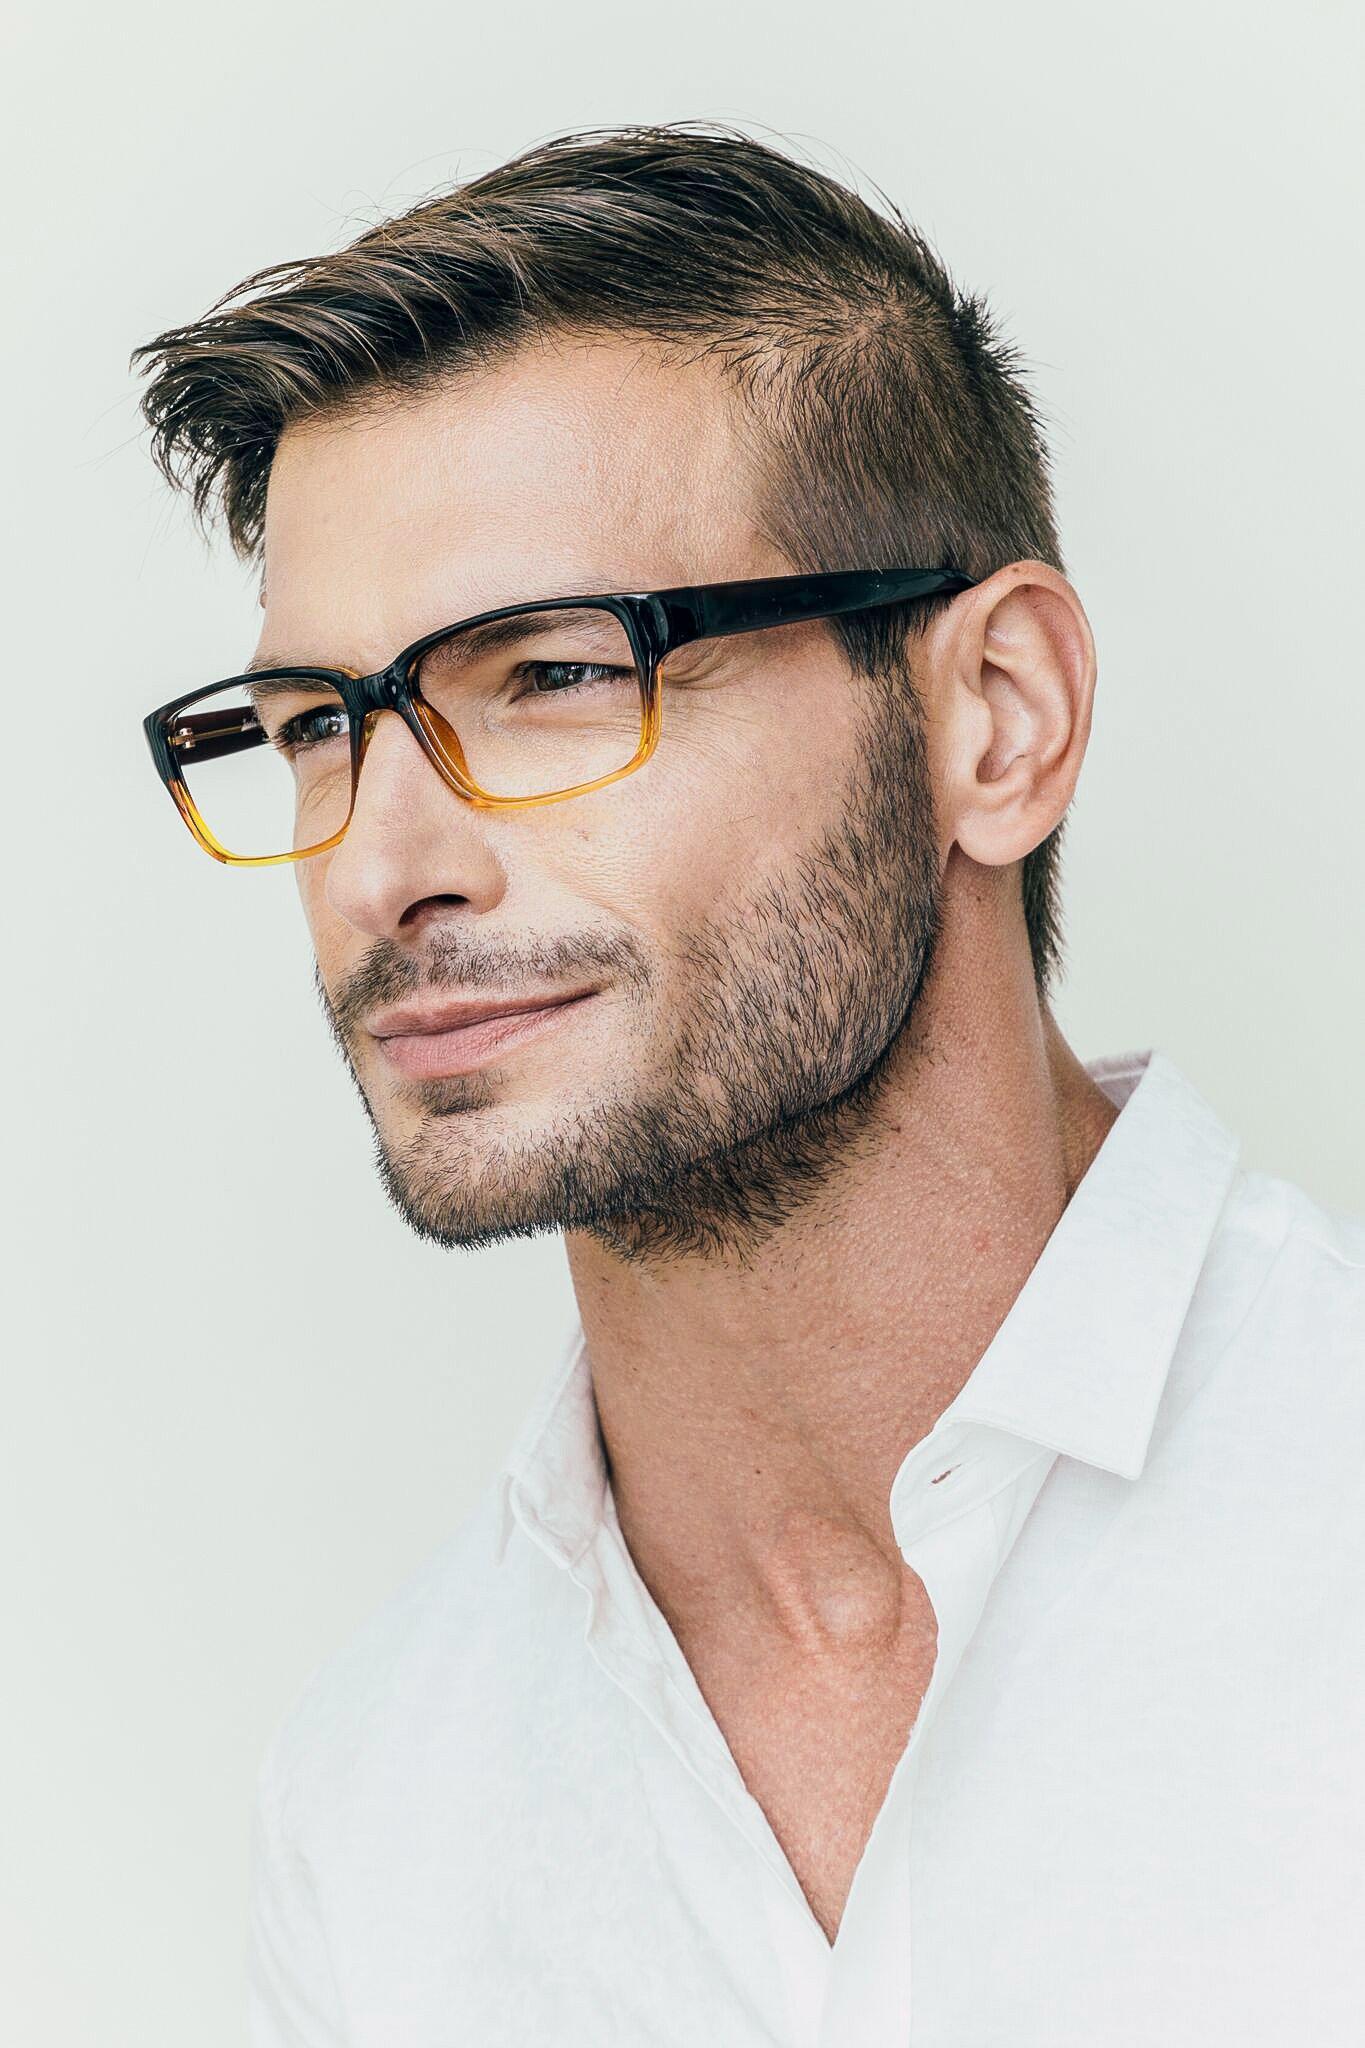 Second model wearing Oakdale frames